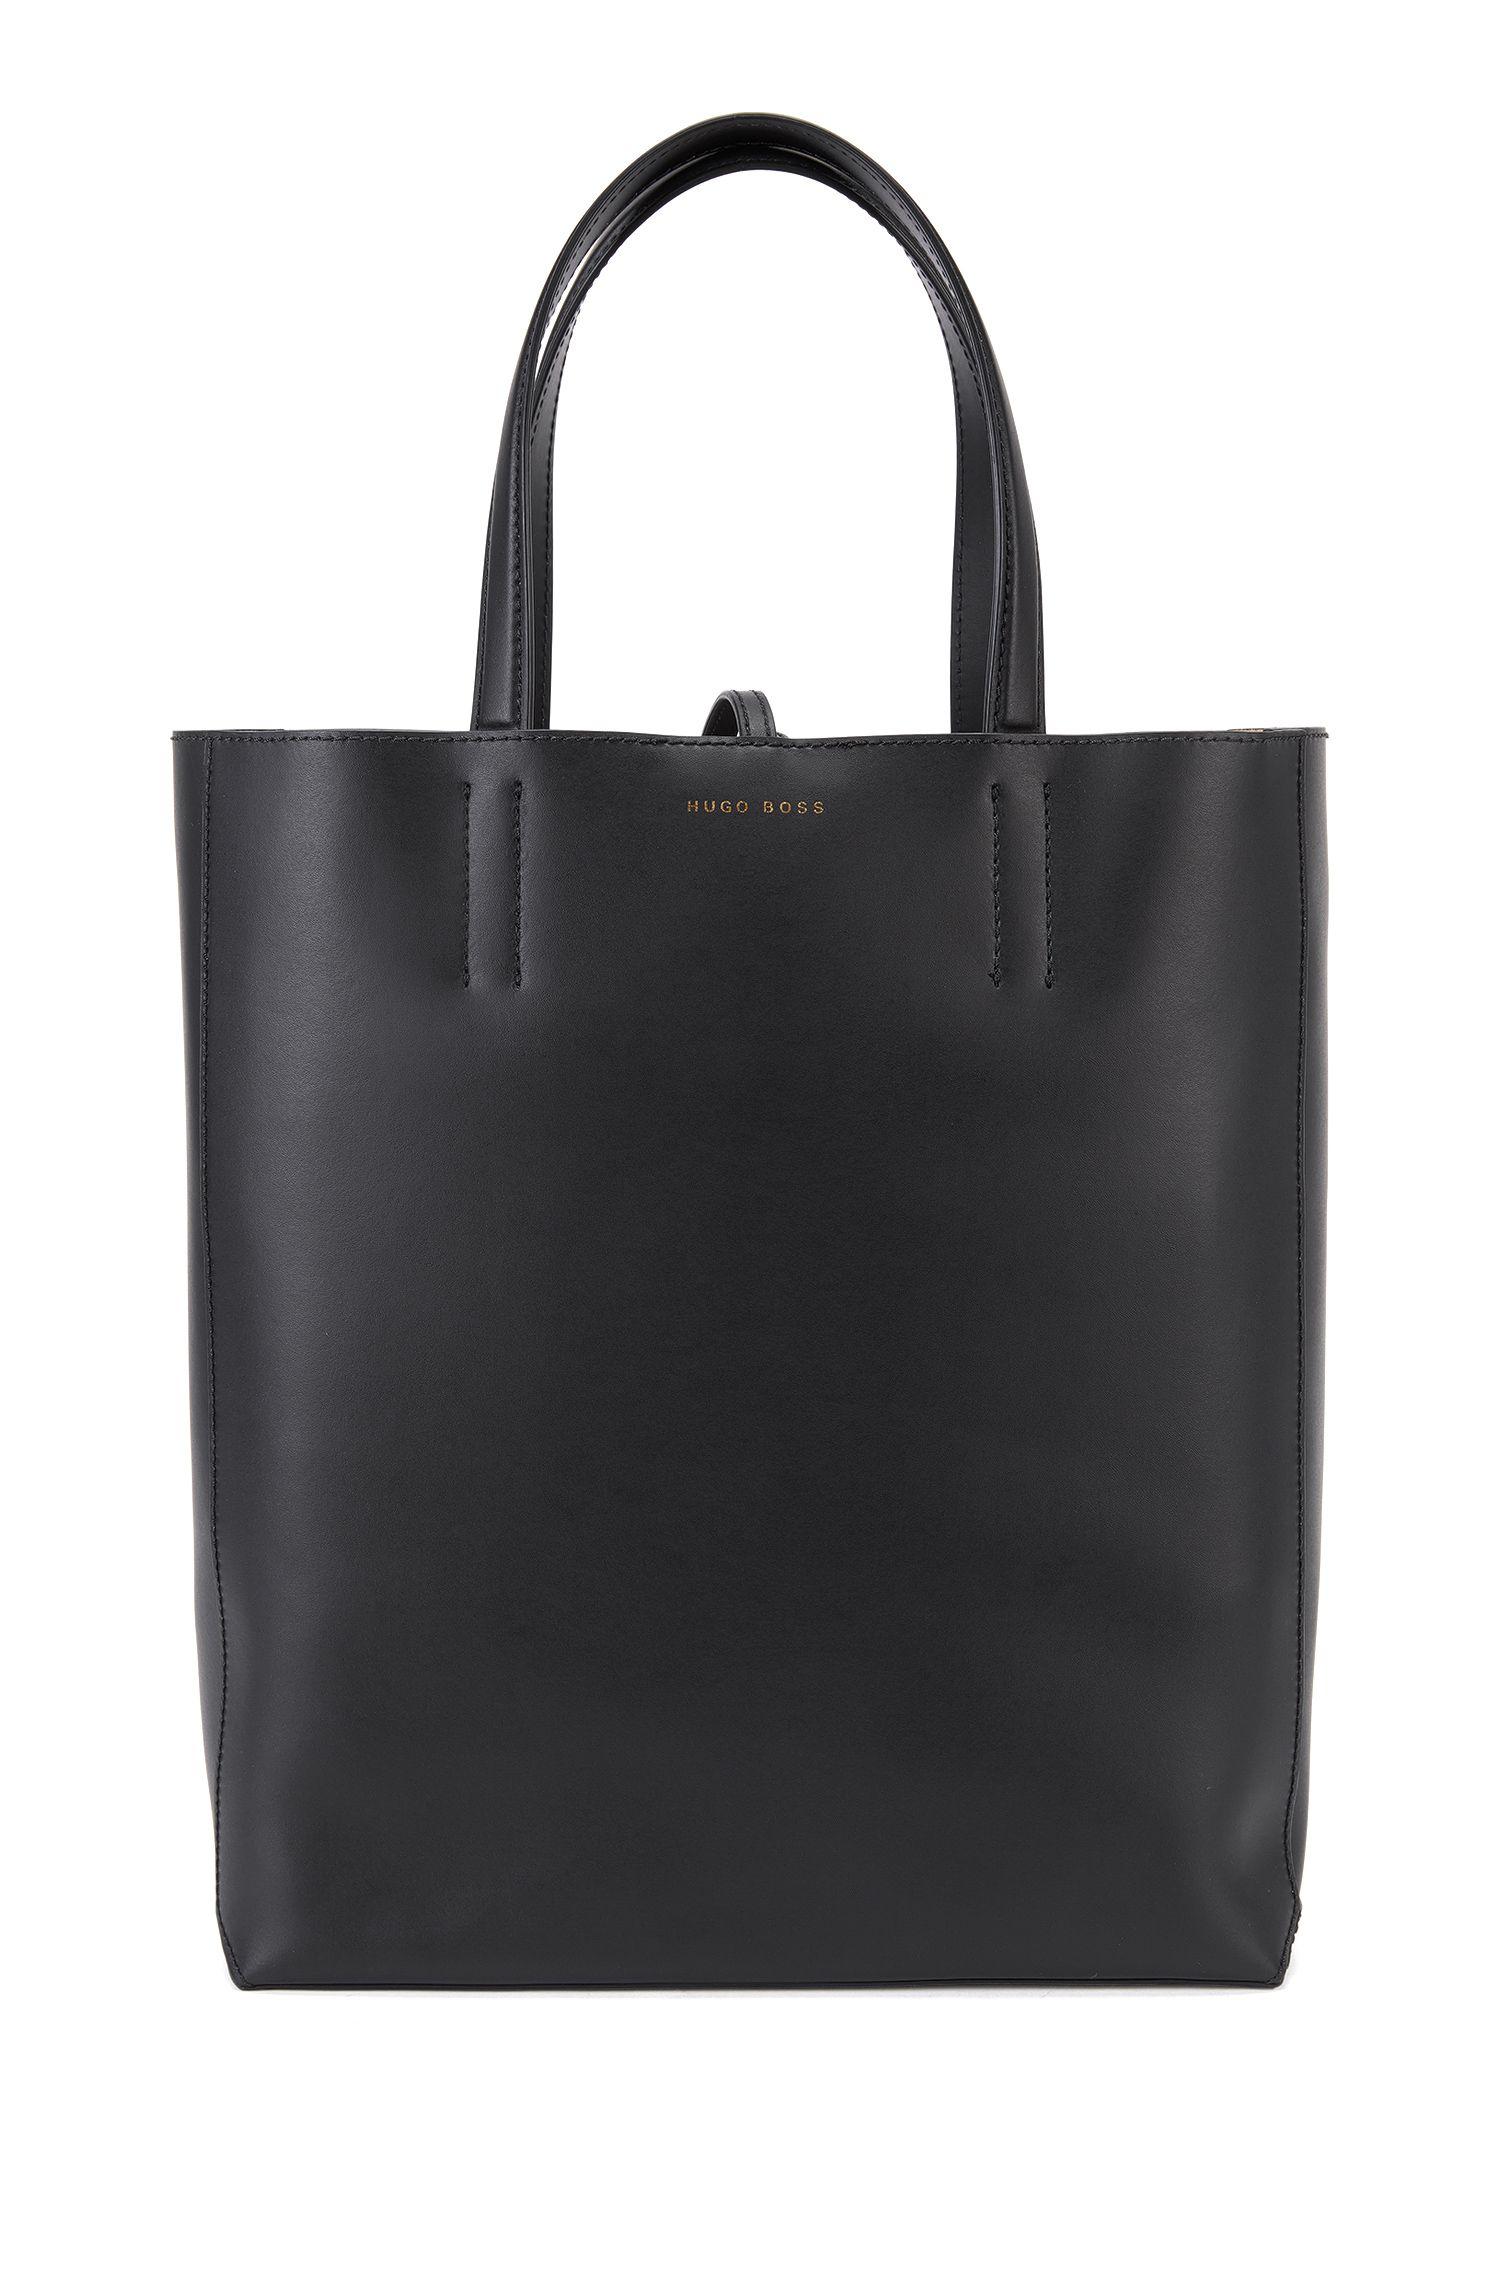 Geräumige Tote Bag aus geschmeidigem italienischem Leder